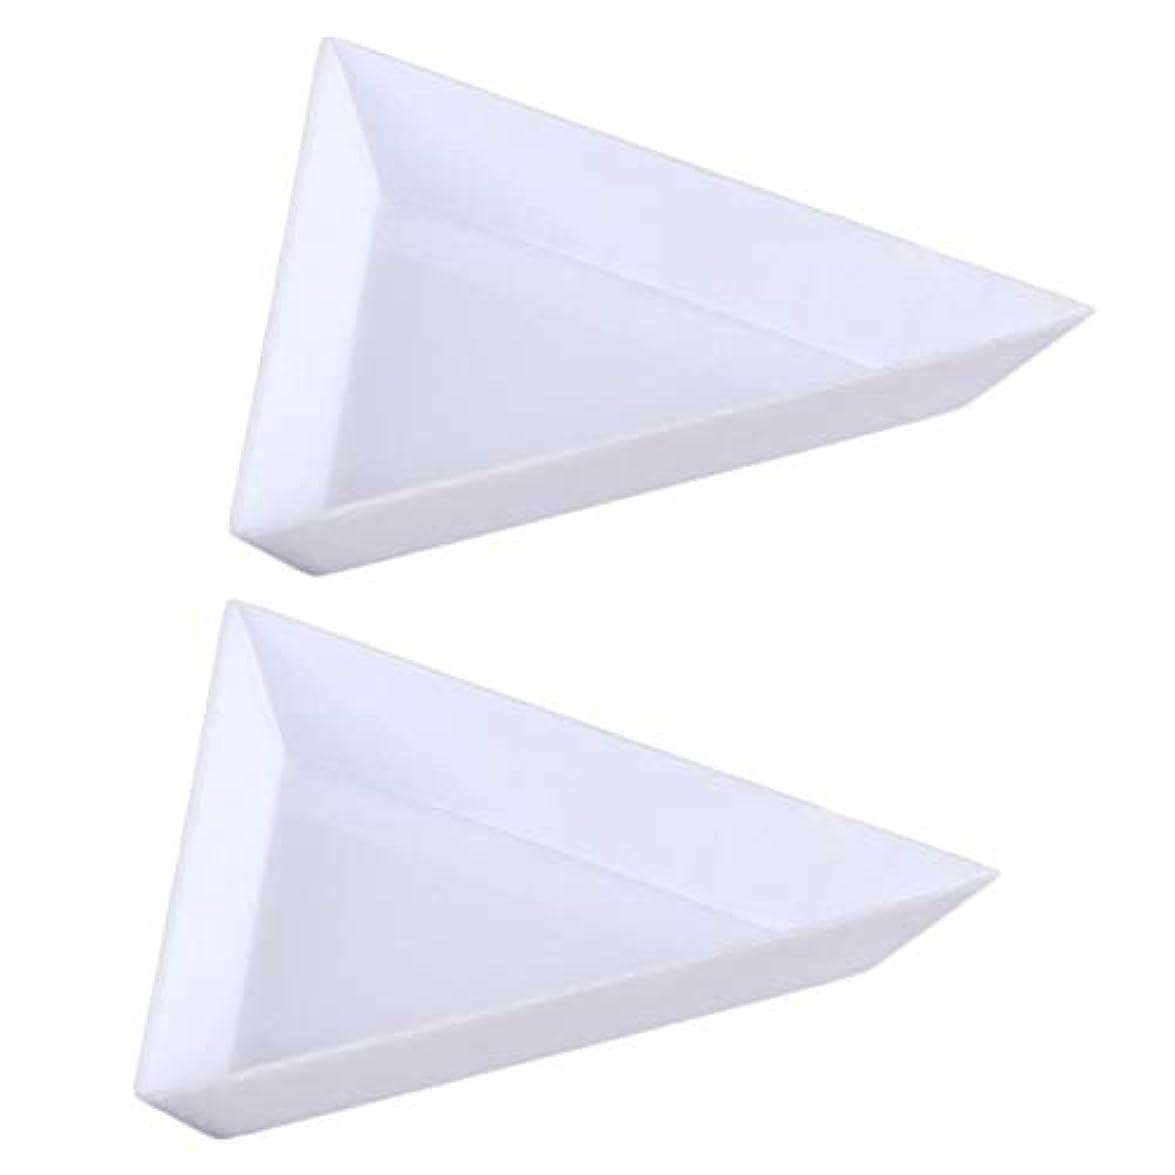 アーネストシャクルトン下甥Gaoominy 10個三角コーナープラスチックラインストーンビーズ 結晶 ネイルアートソーティングトレイアクセサリー白 DiyネイルアートデコレーションDotting収納トレイ オーガニゼーションに最適